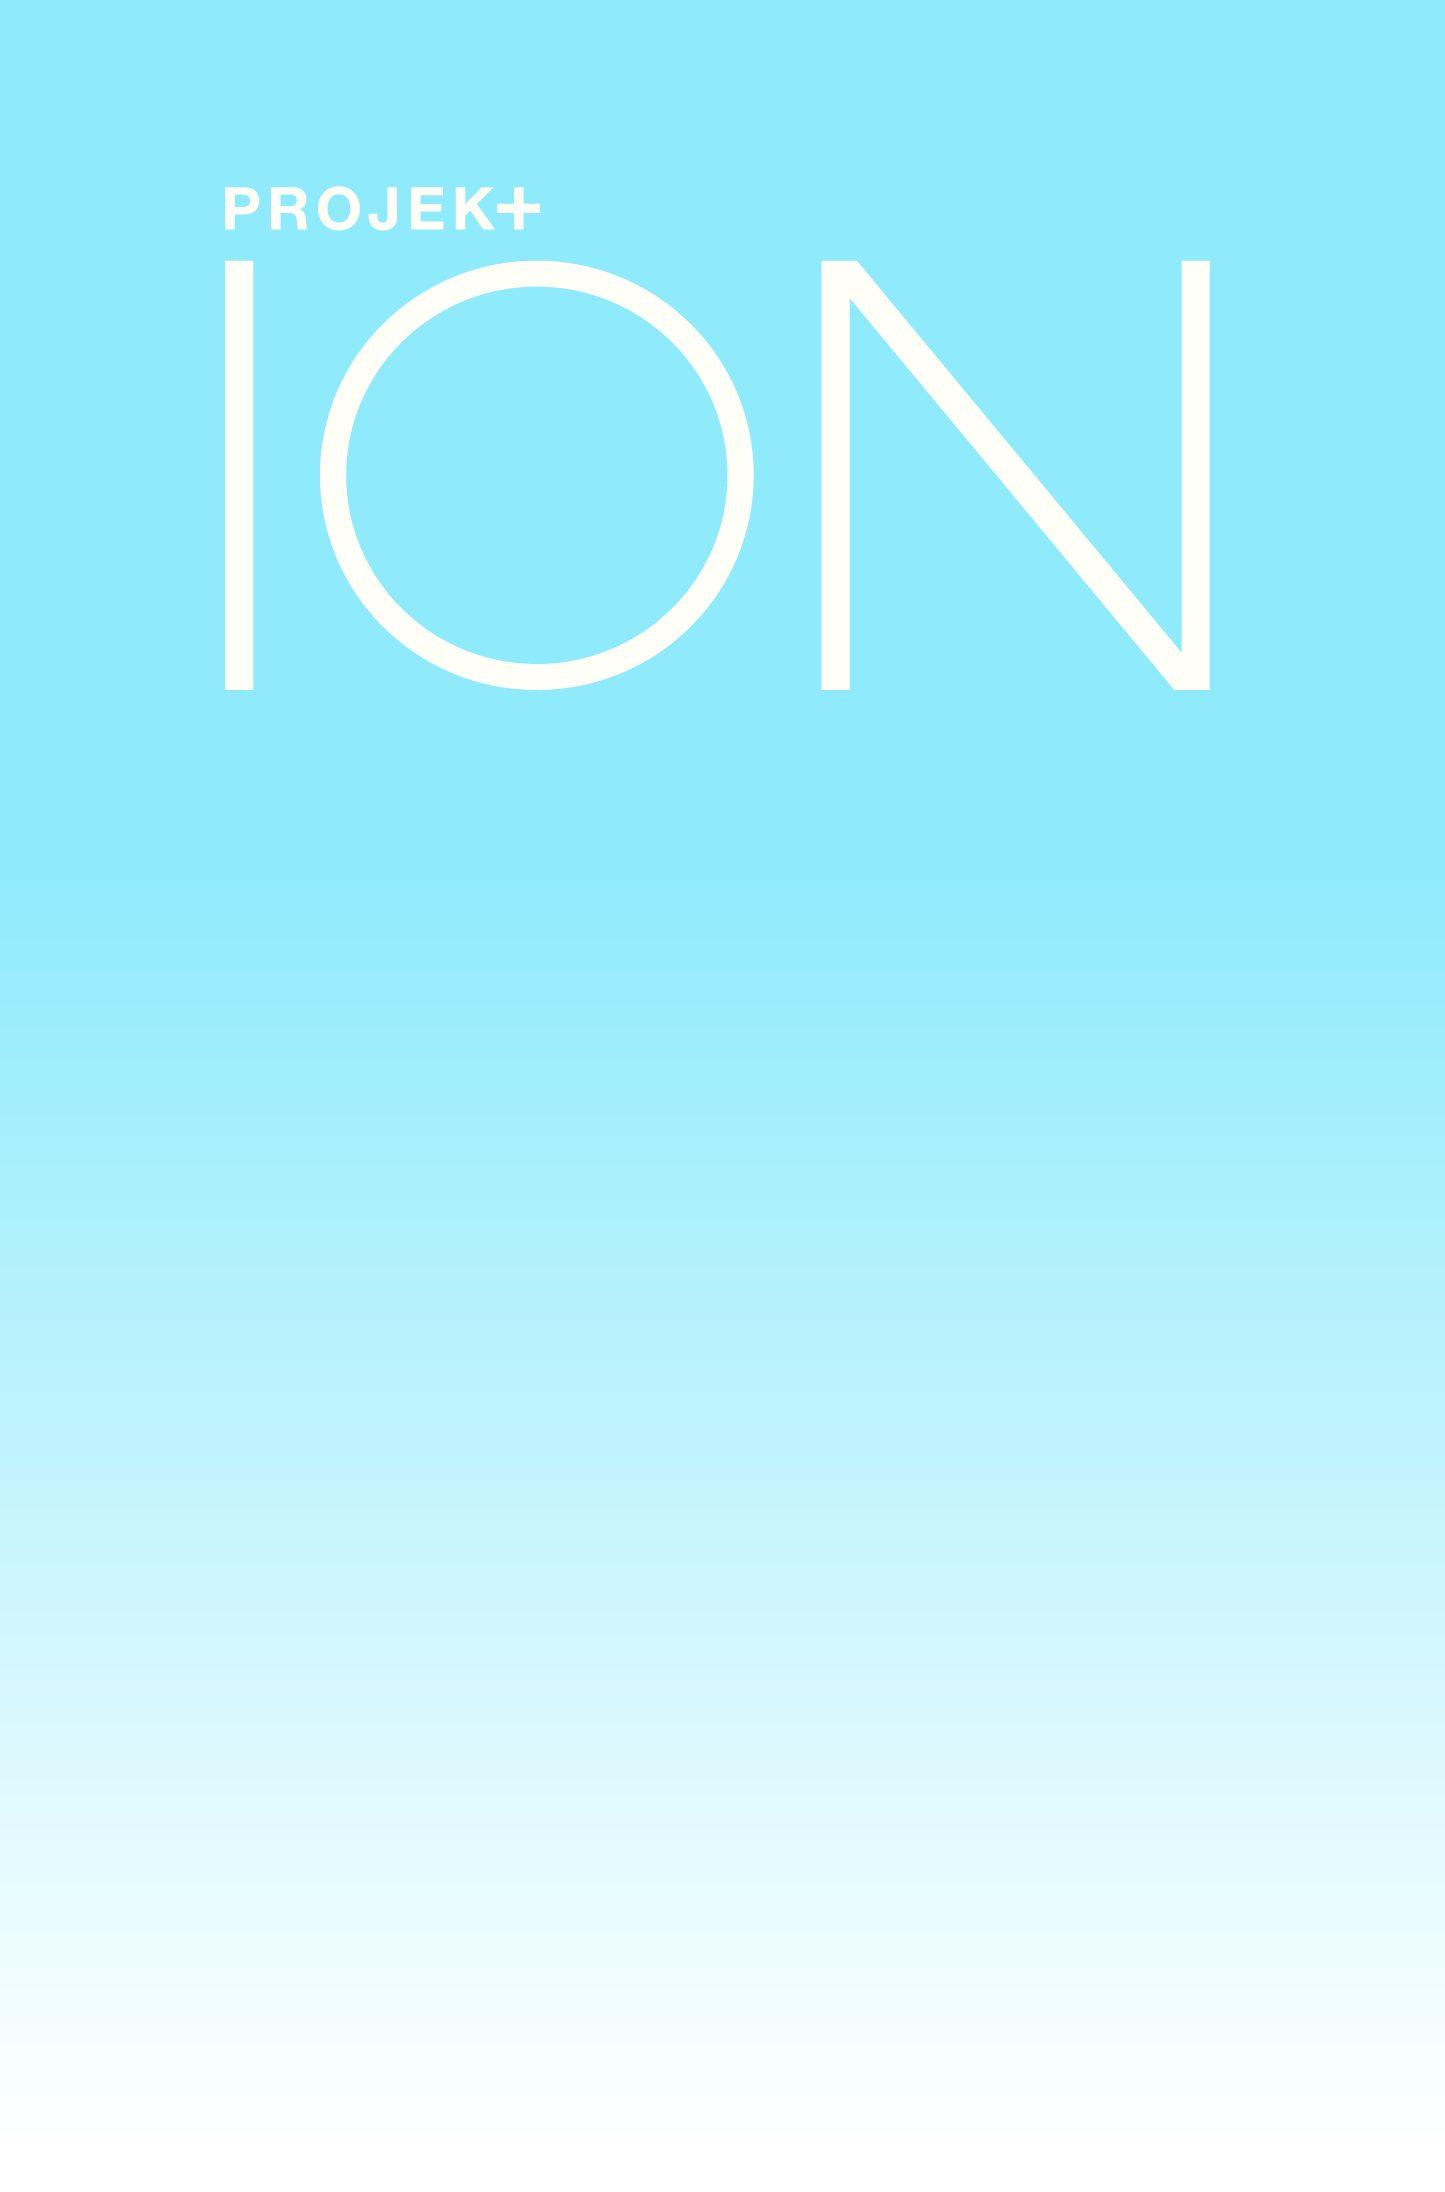 Projekt Ion Logo